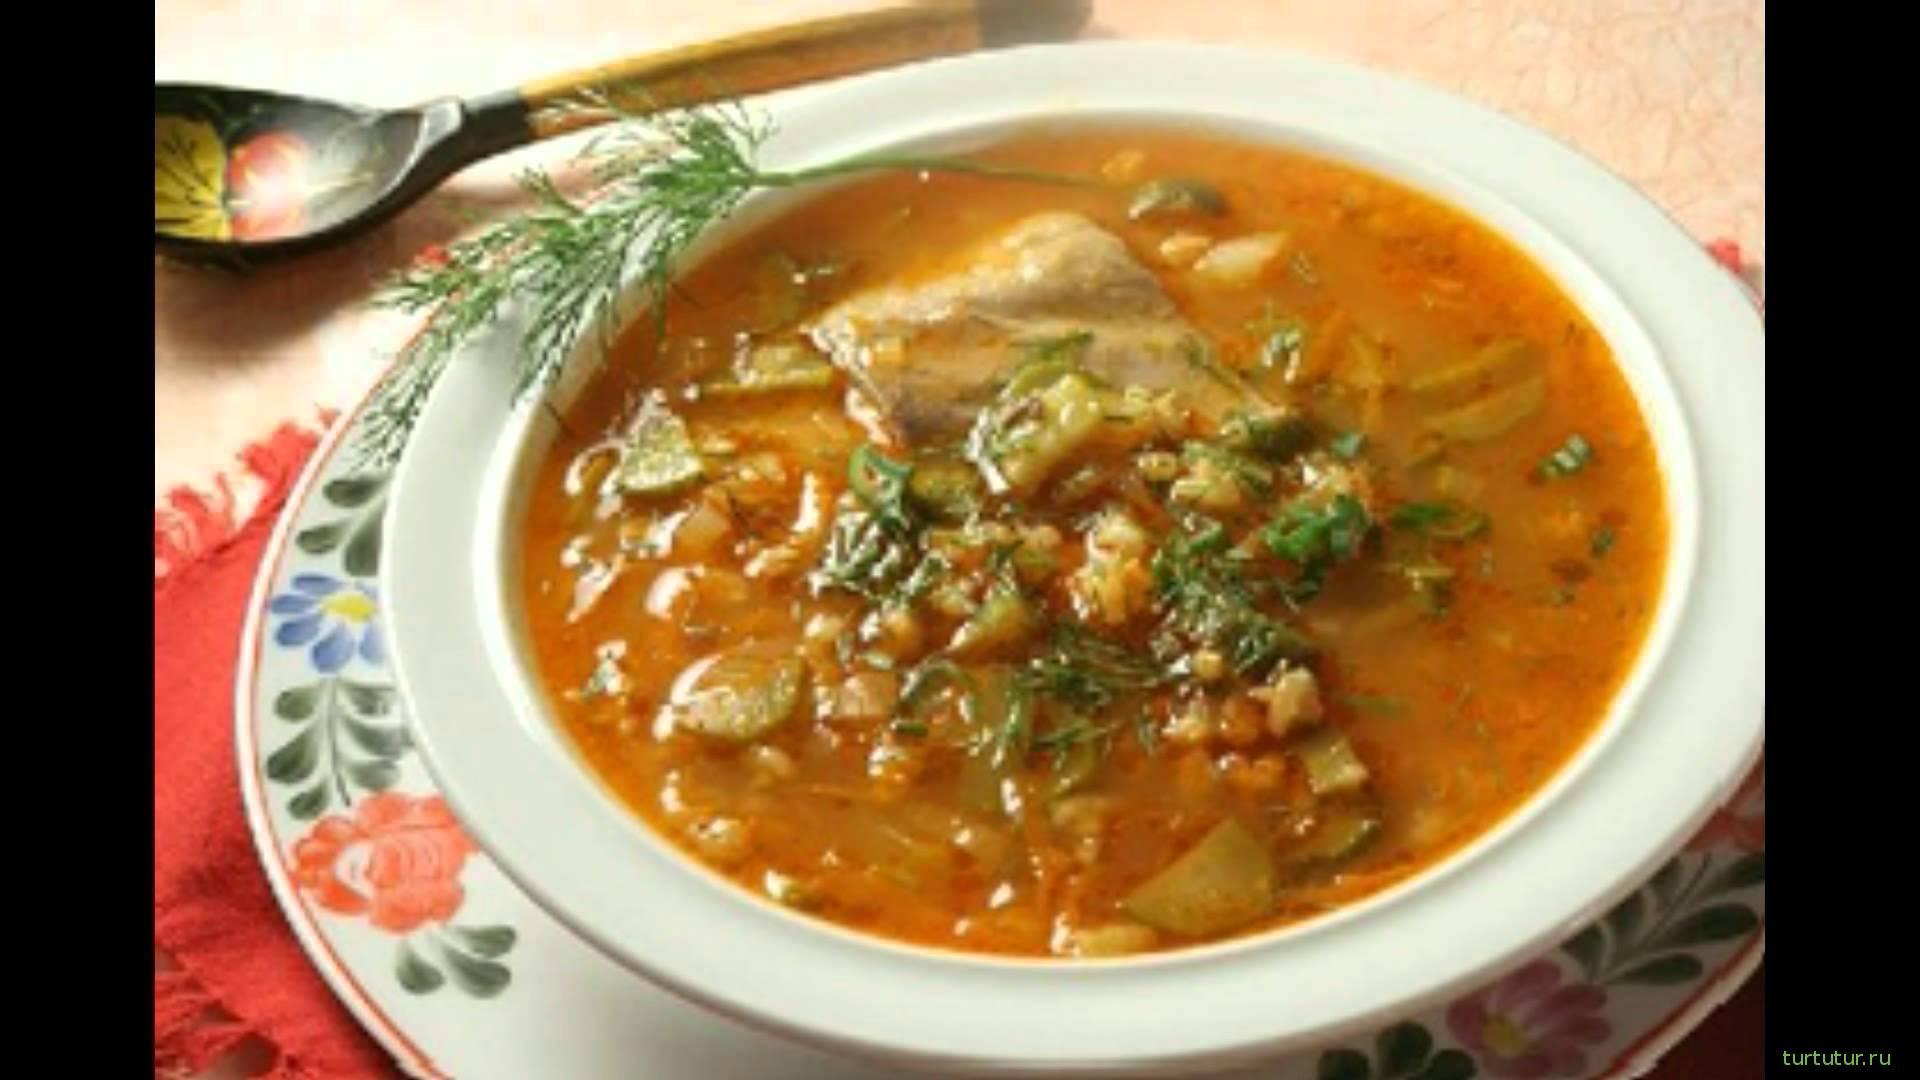 А вот такой пивной суп подают в Эстонии.